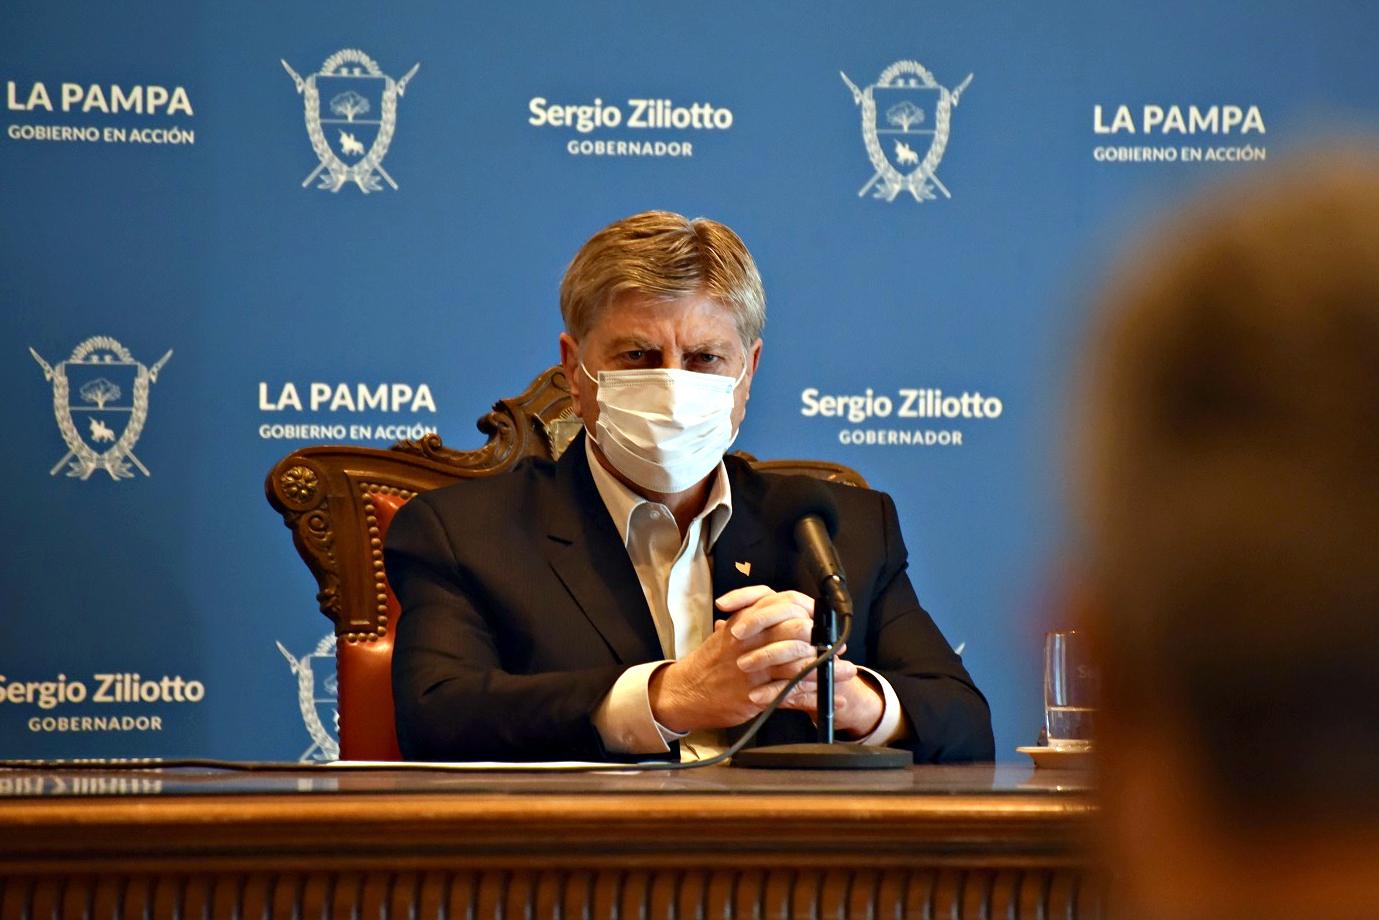 Este martes, con la vacunación de Ziliotto, se lanza la campaña contra el covid en La Pampa